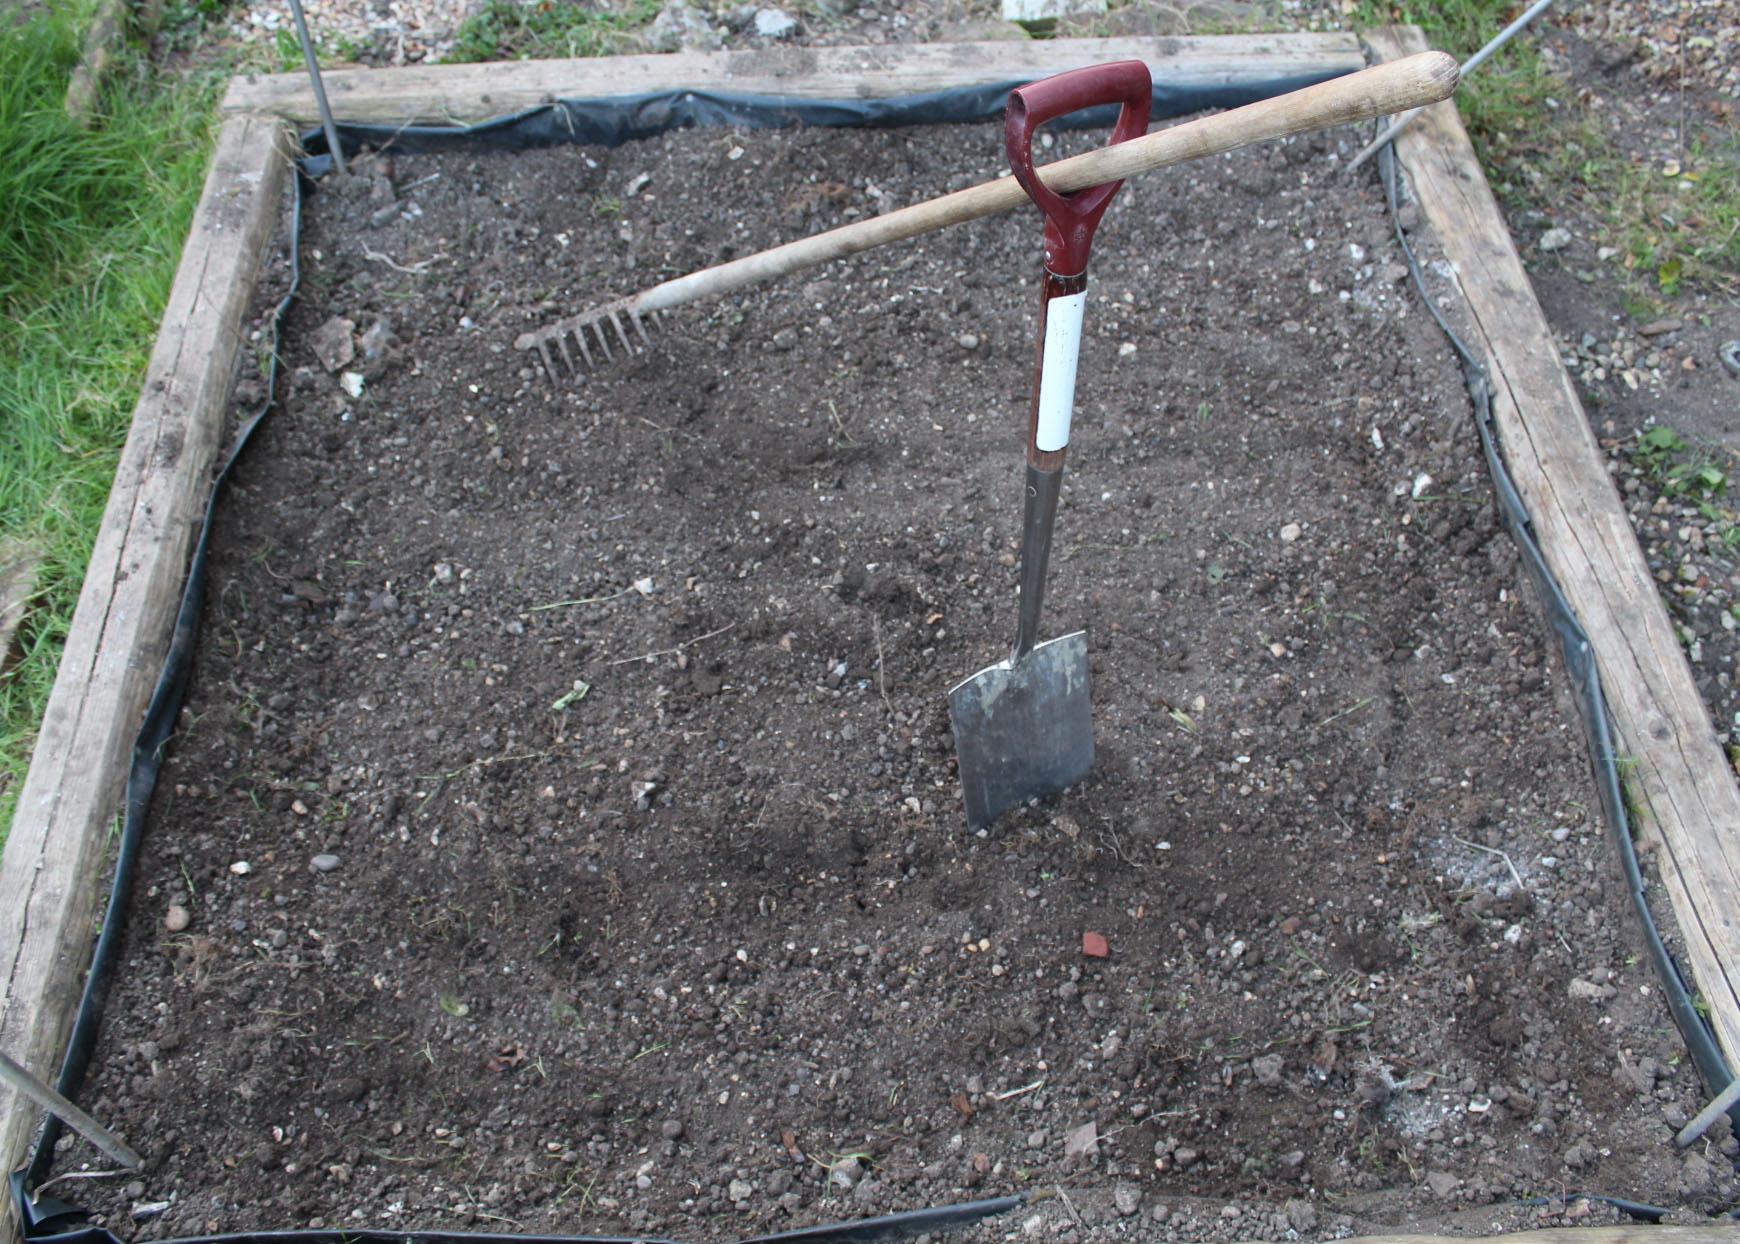 gardening, gardening with children, outside activities for children, dadbloguk, dadbloguk.com